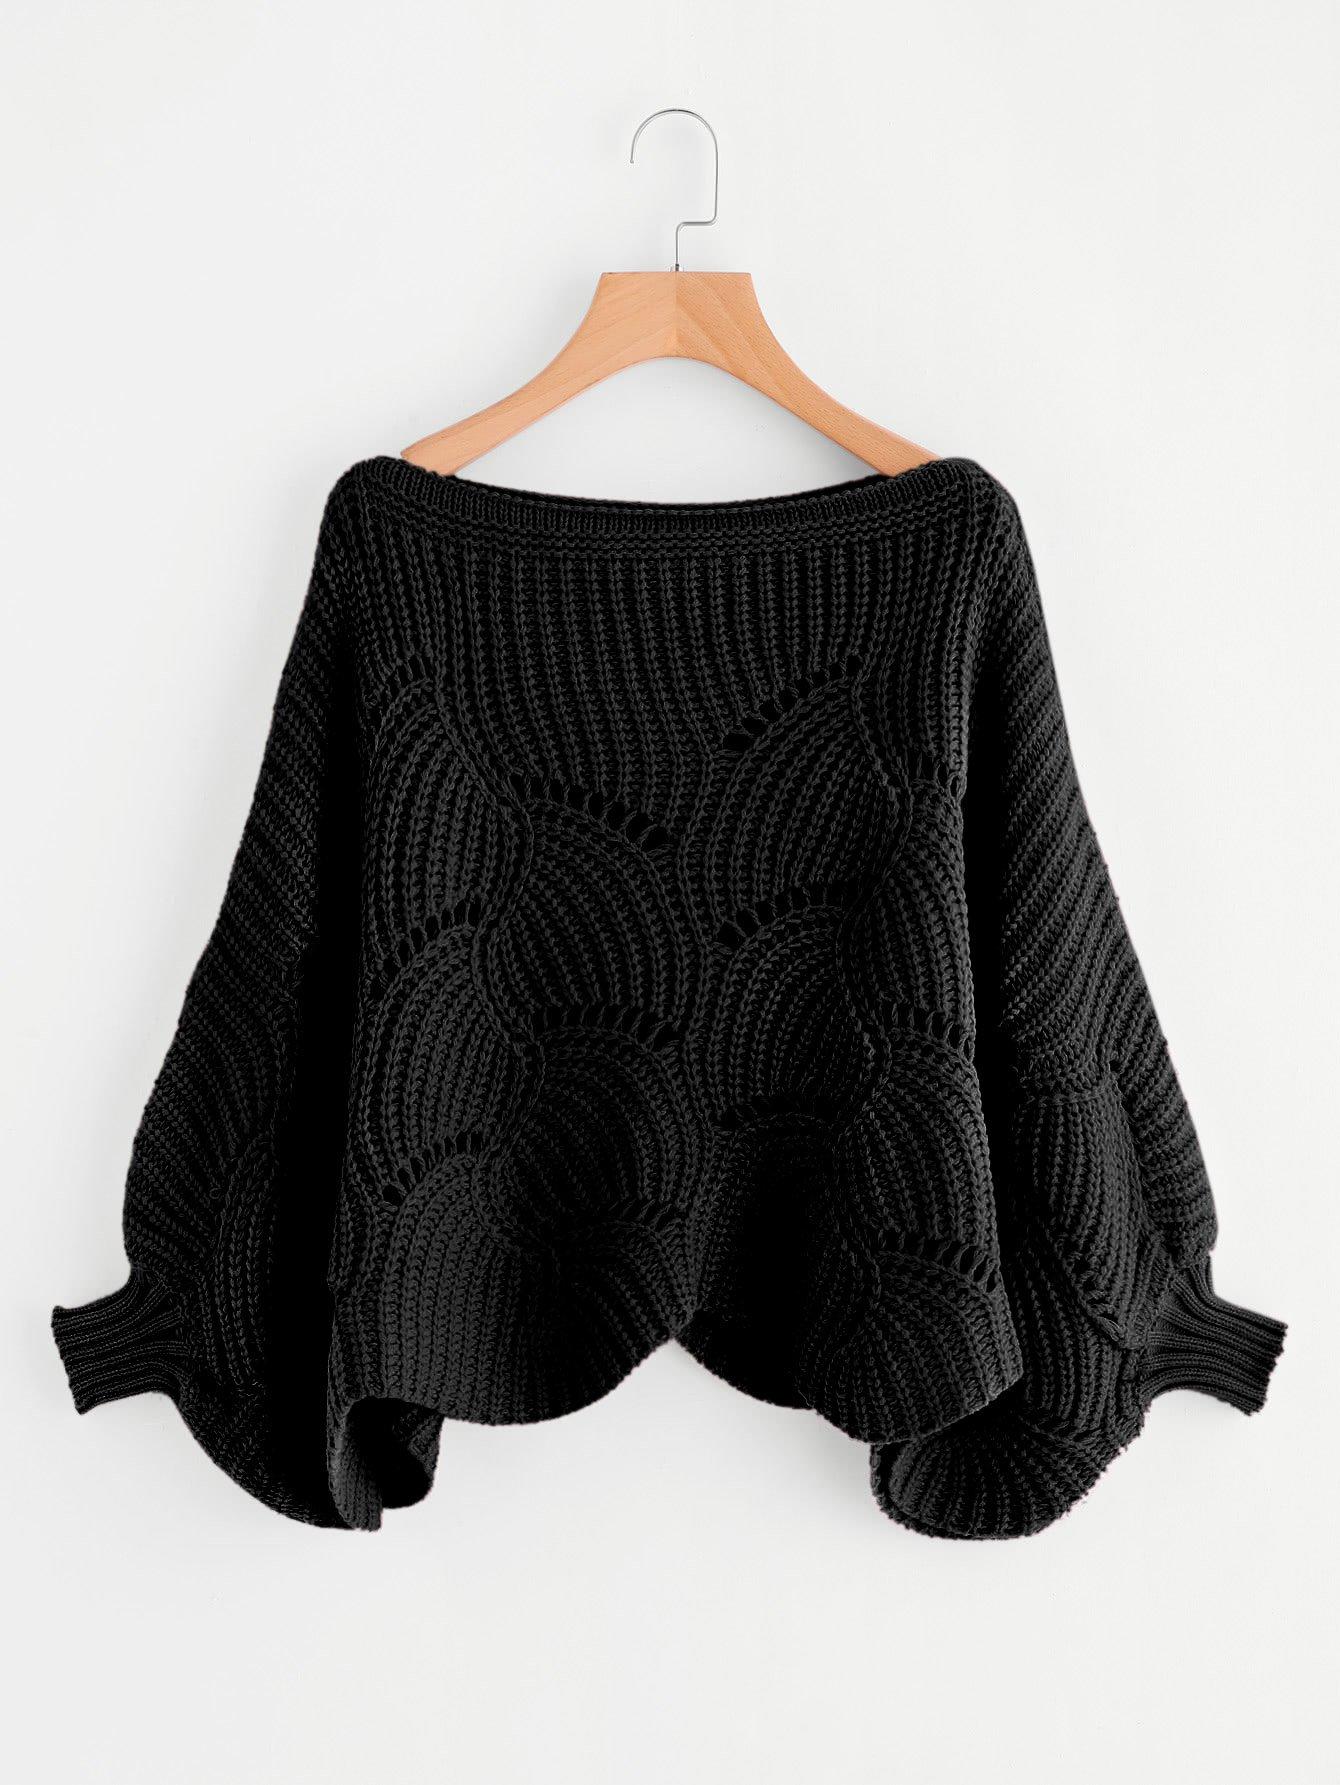 Купить Ушко деталь свитер с веерообразной отделкой, null, SheIn